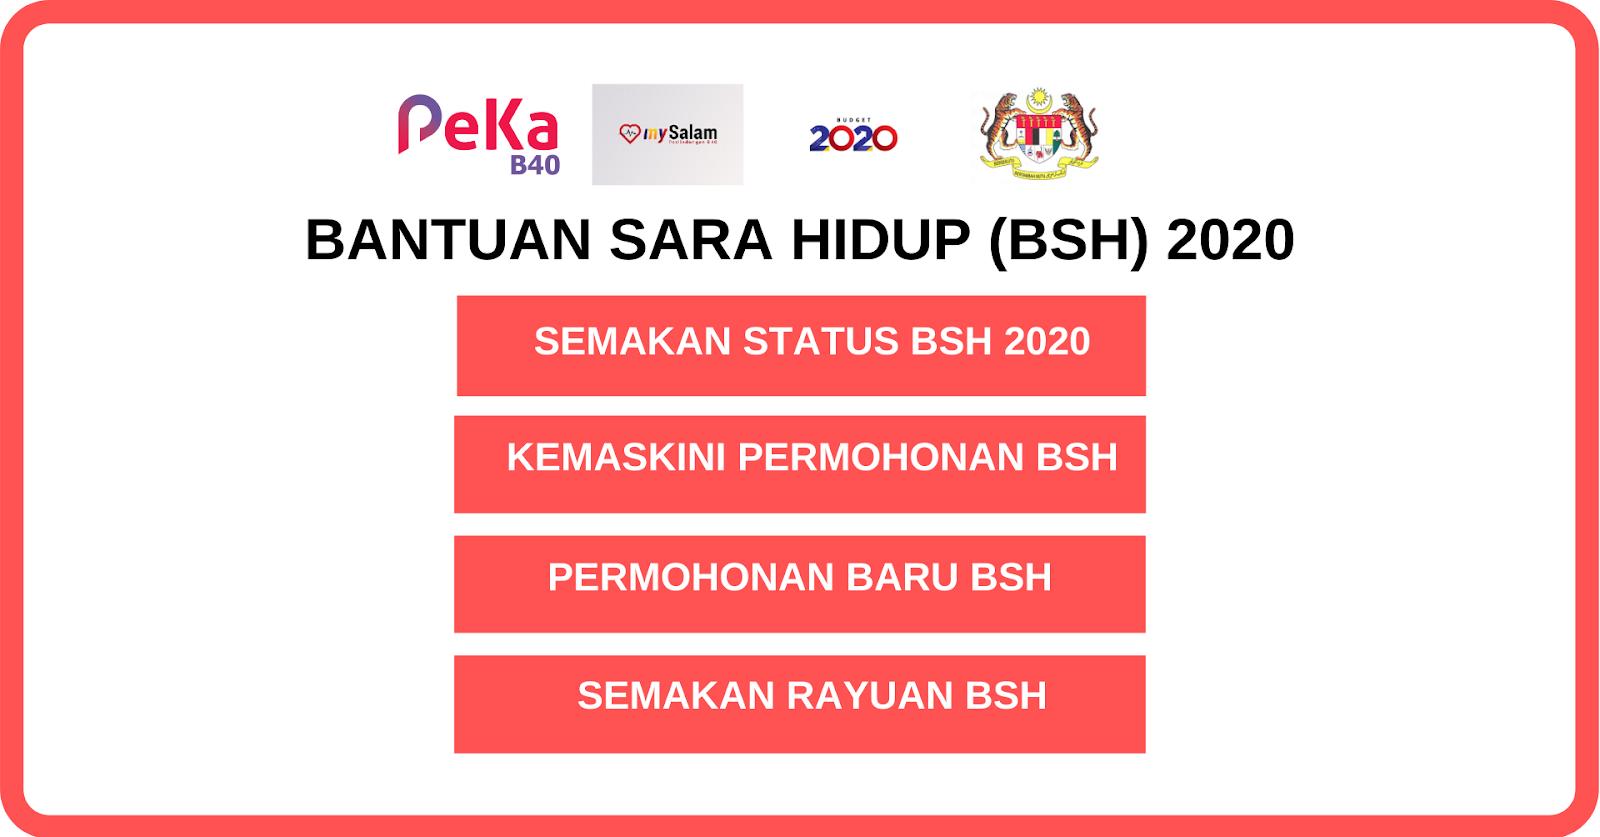 Bsh 2020 Semakan Status Bantuan Sara Hidup Fasa 1 Januari Malaysia Kerjaya